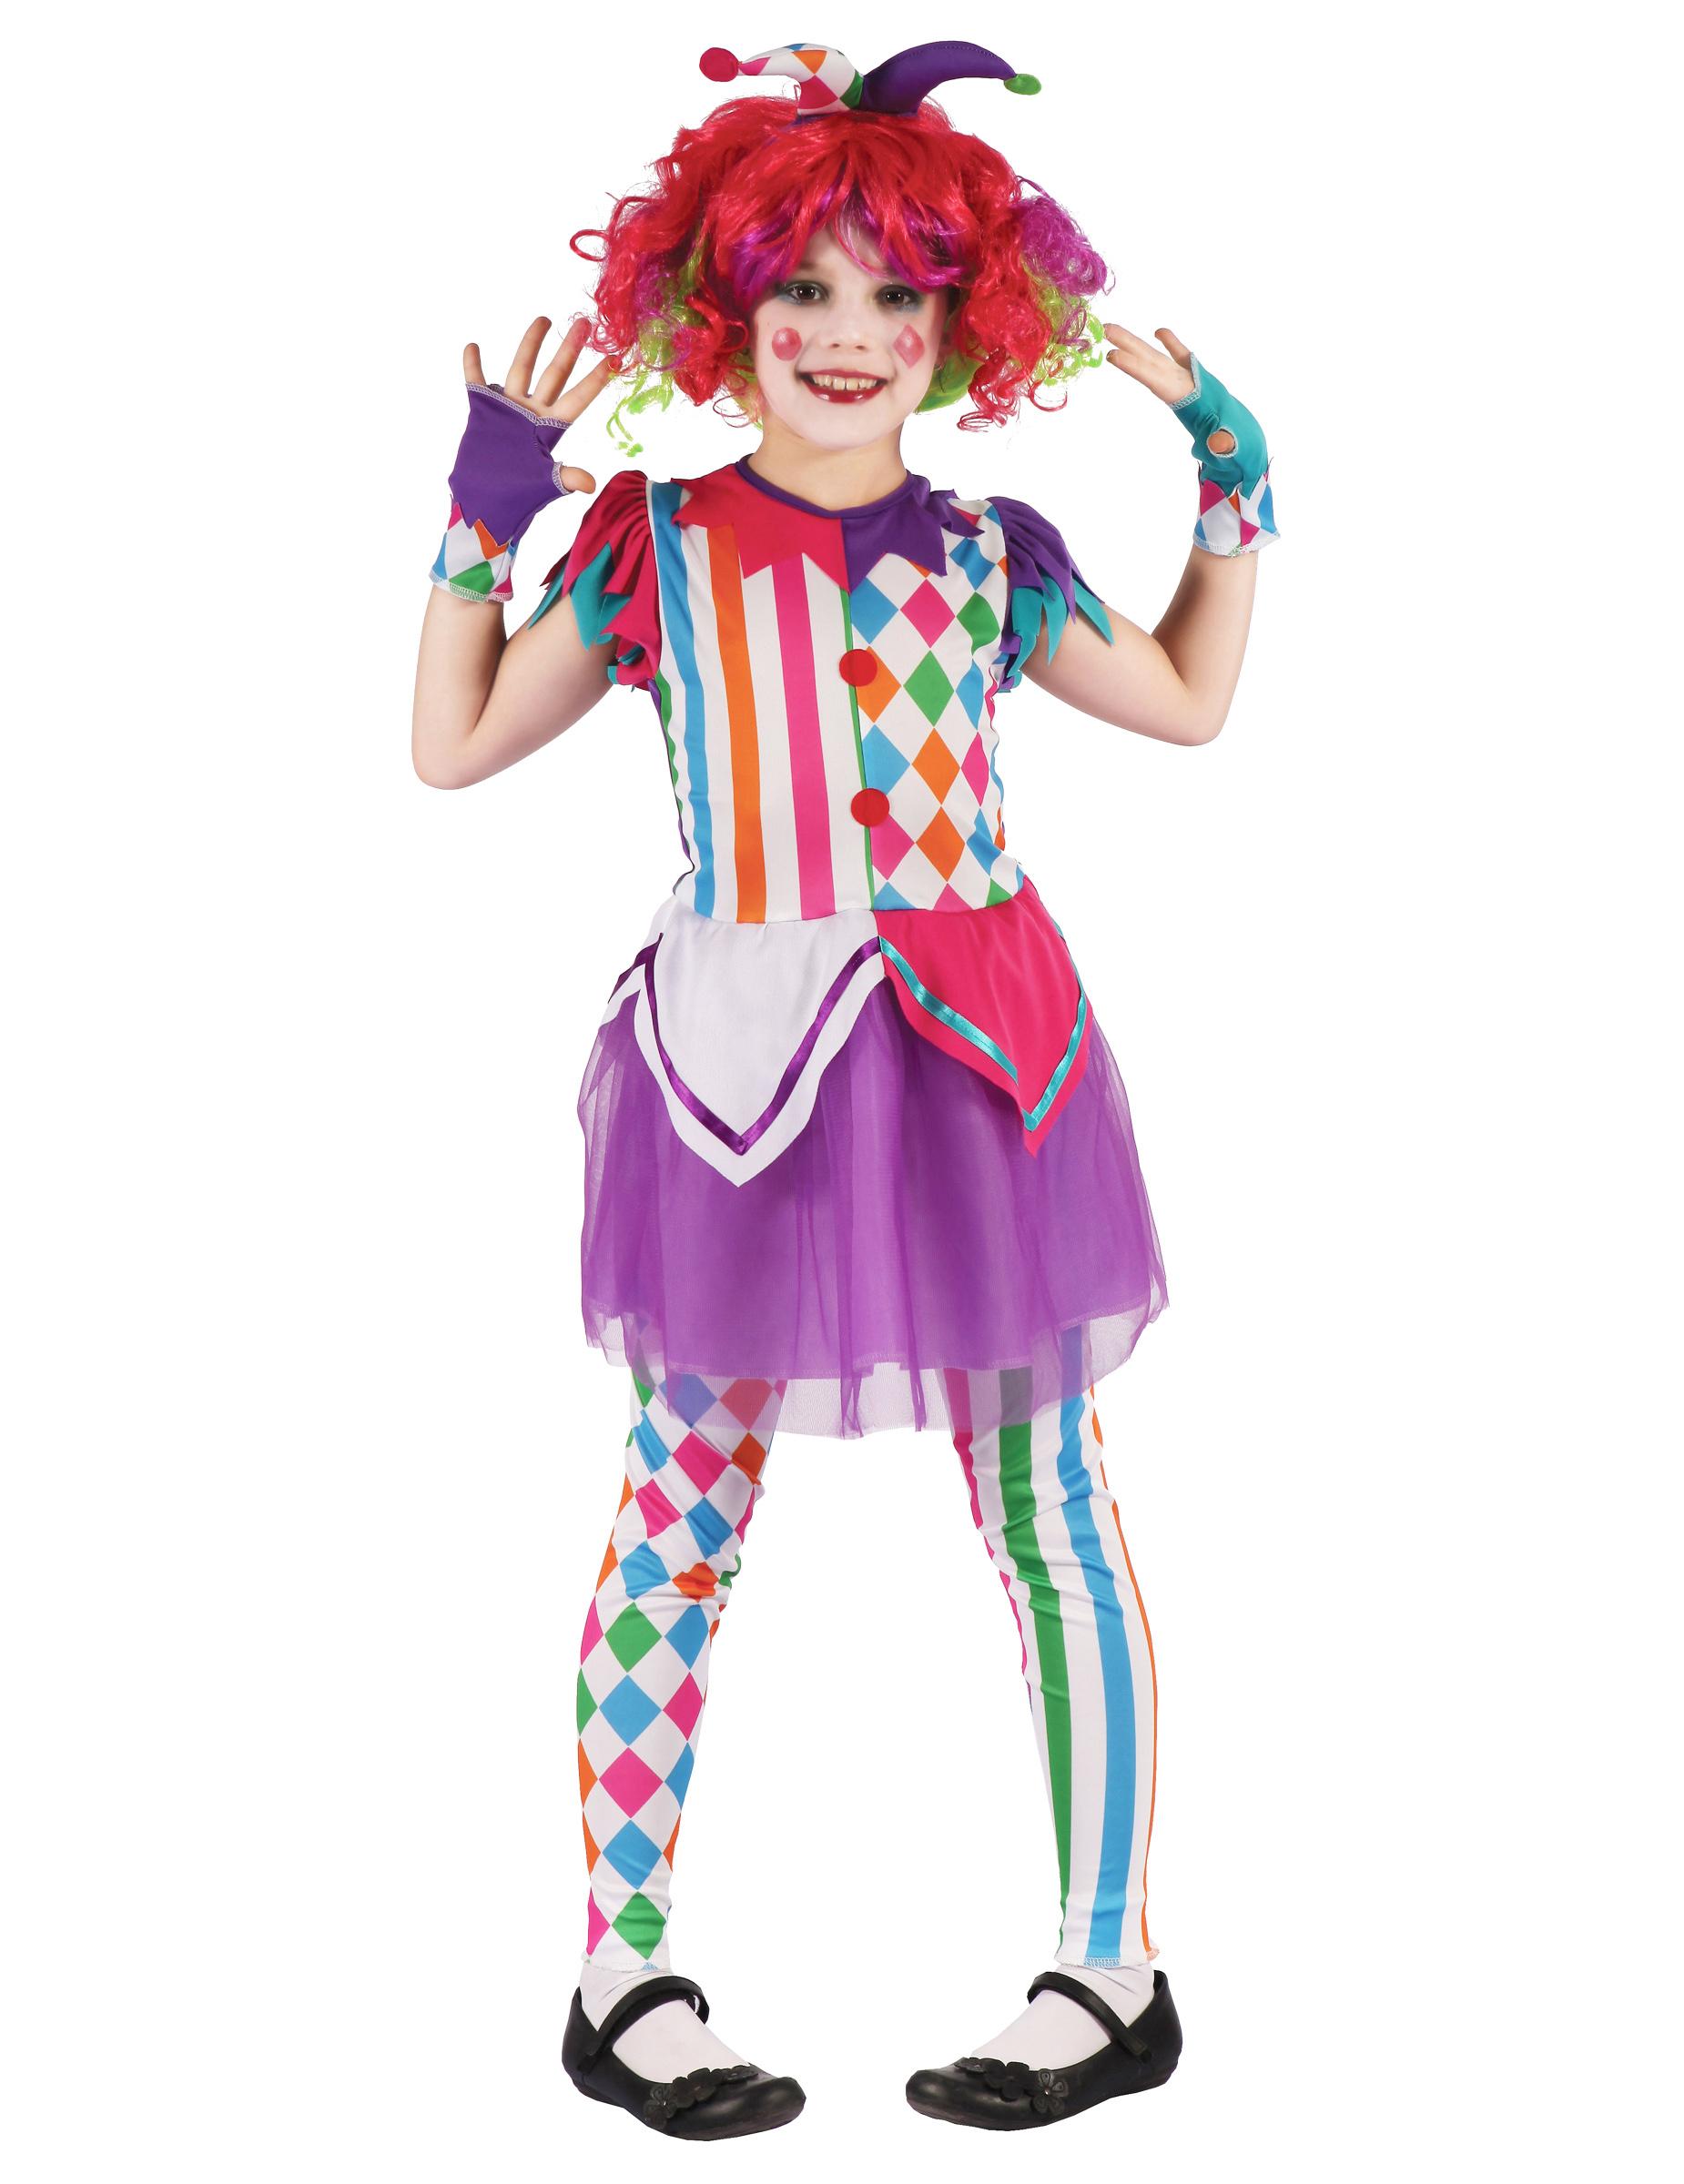 Bambini Per Costumi Arlecchino Da Costume Multicolore Bambina e OStY7Aqwx